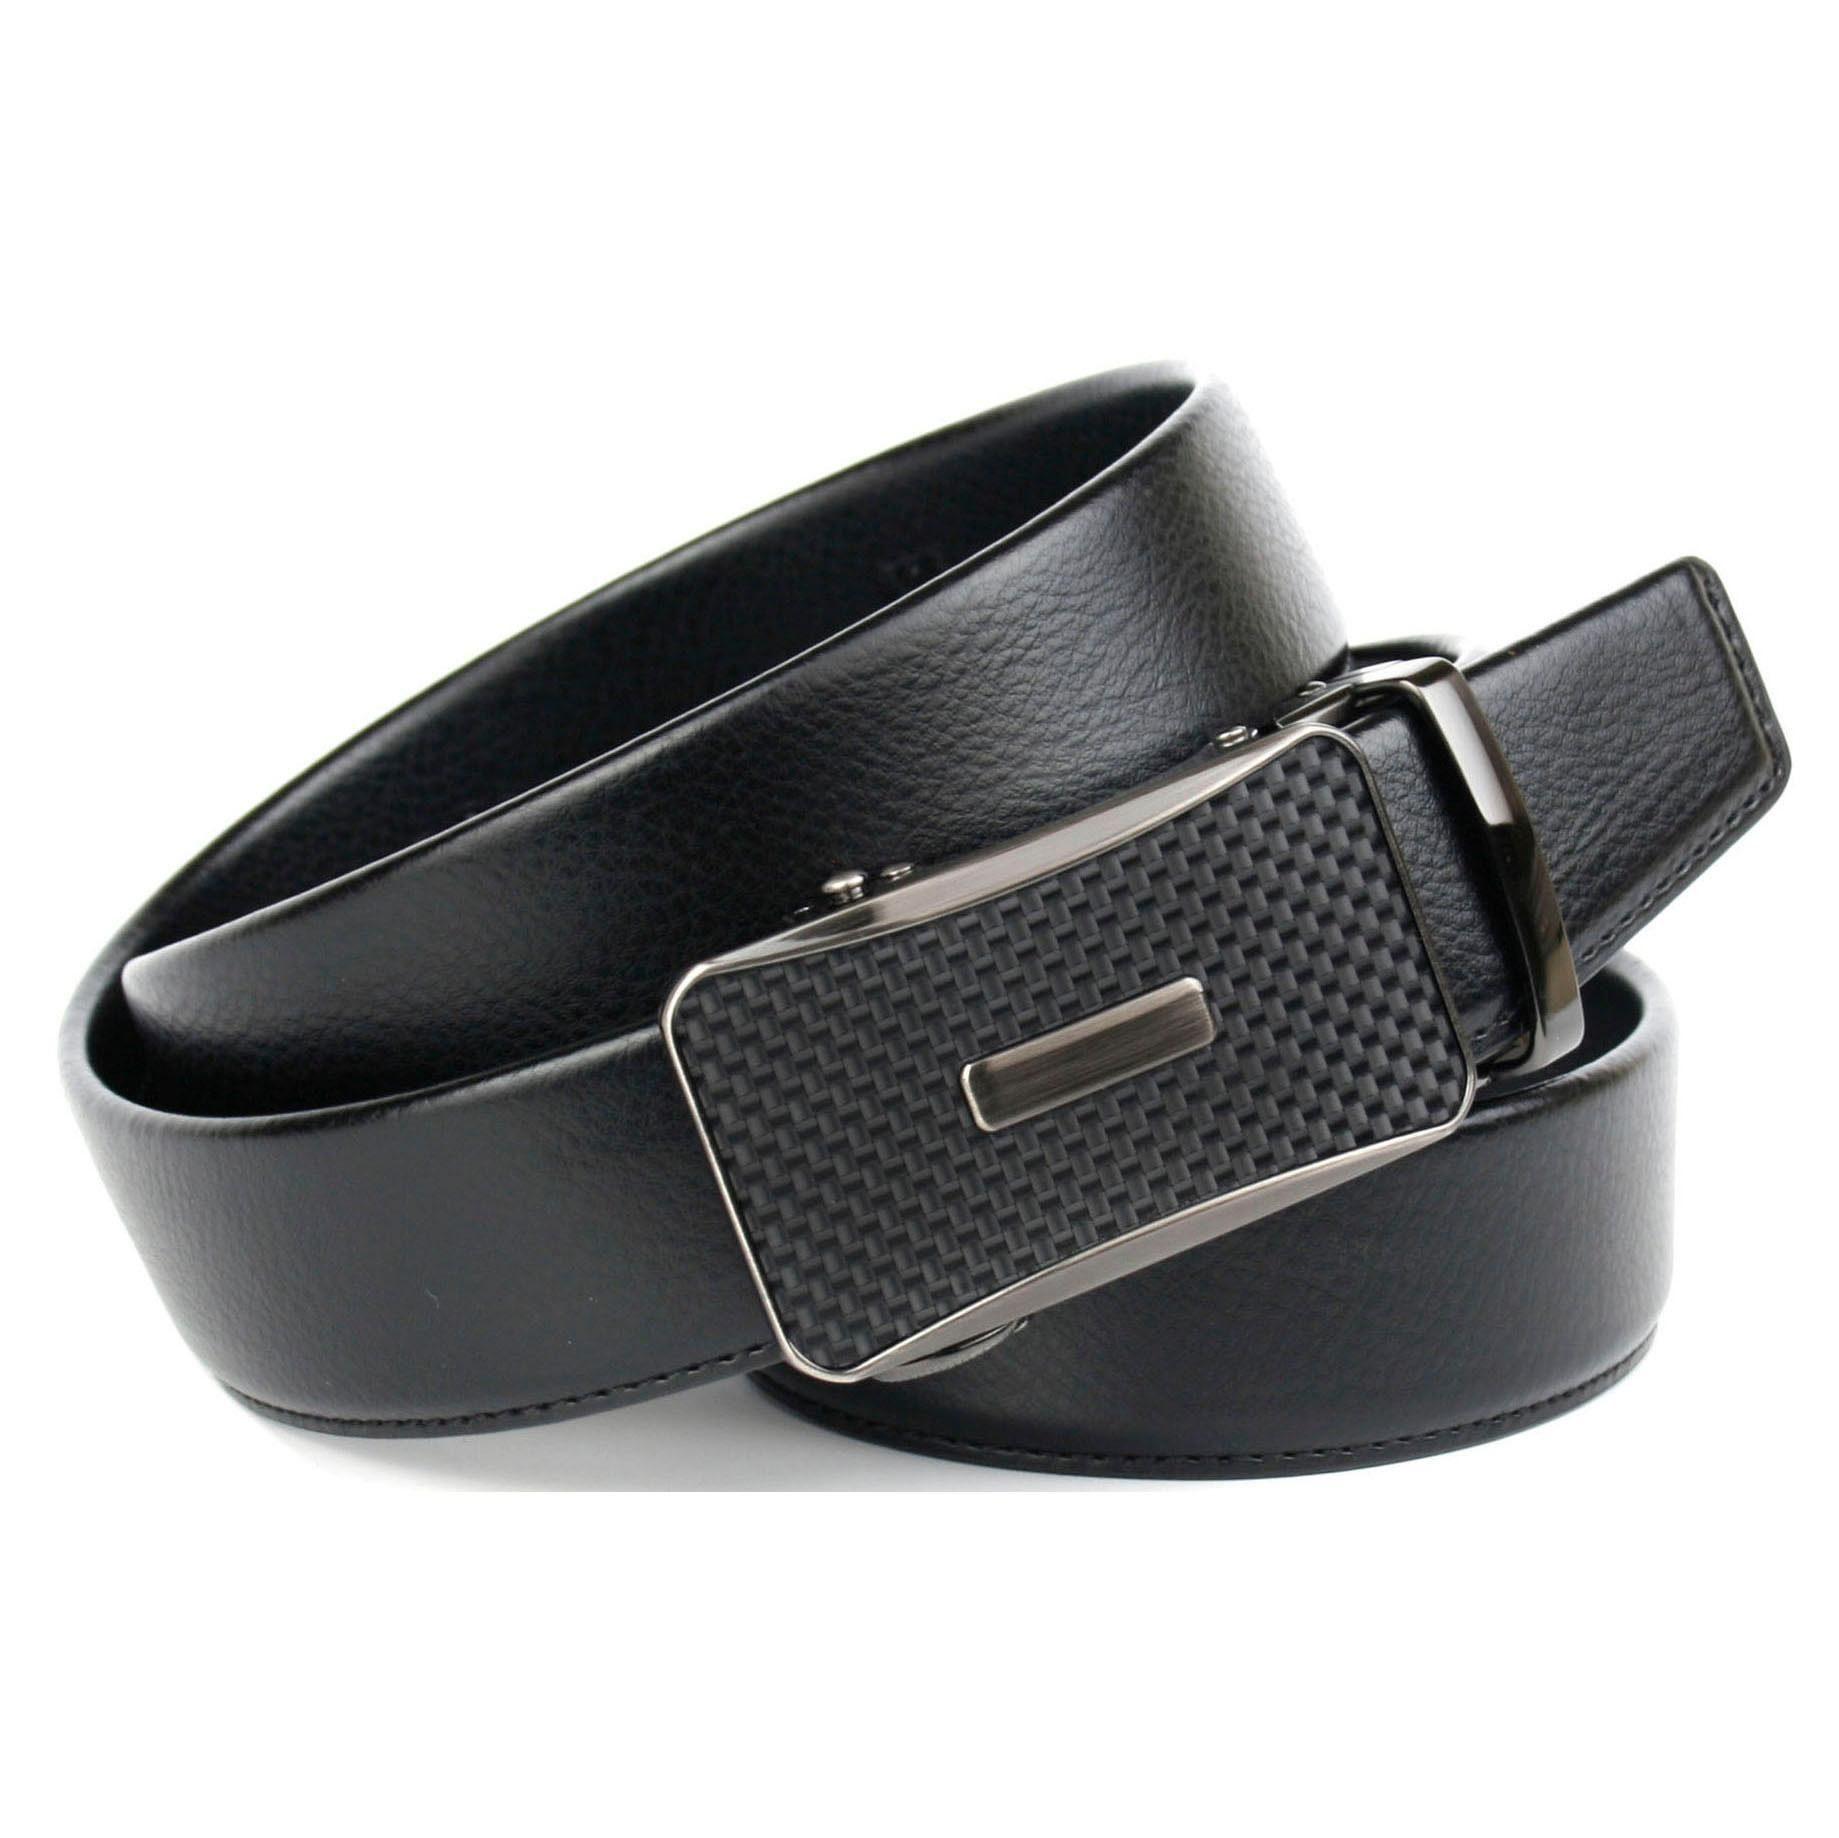 Anthoni Crown Ledergürtel Umgeschlagener Gürtel mit Schließe in Flecht Design online kaufen | OTTO